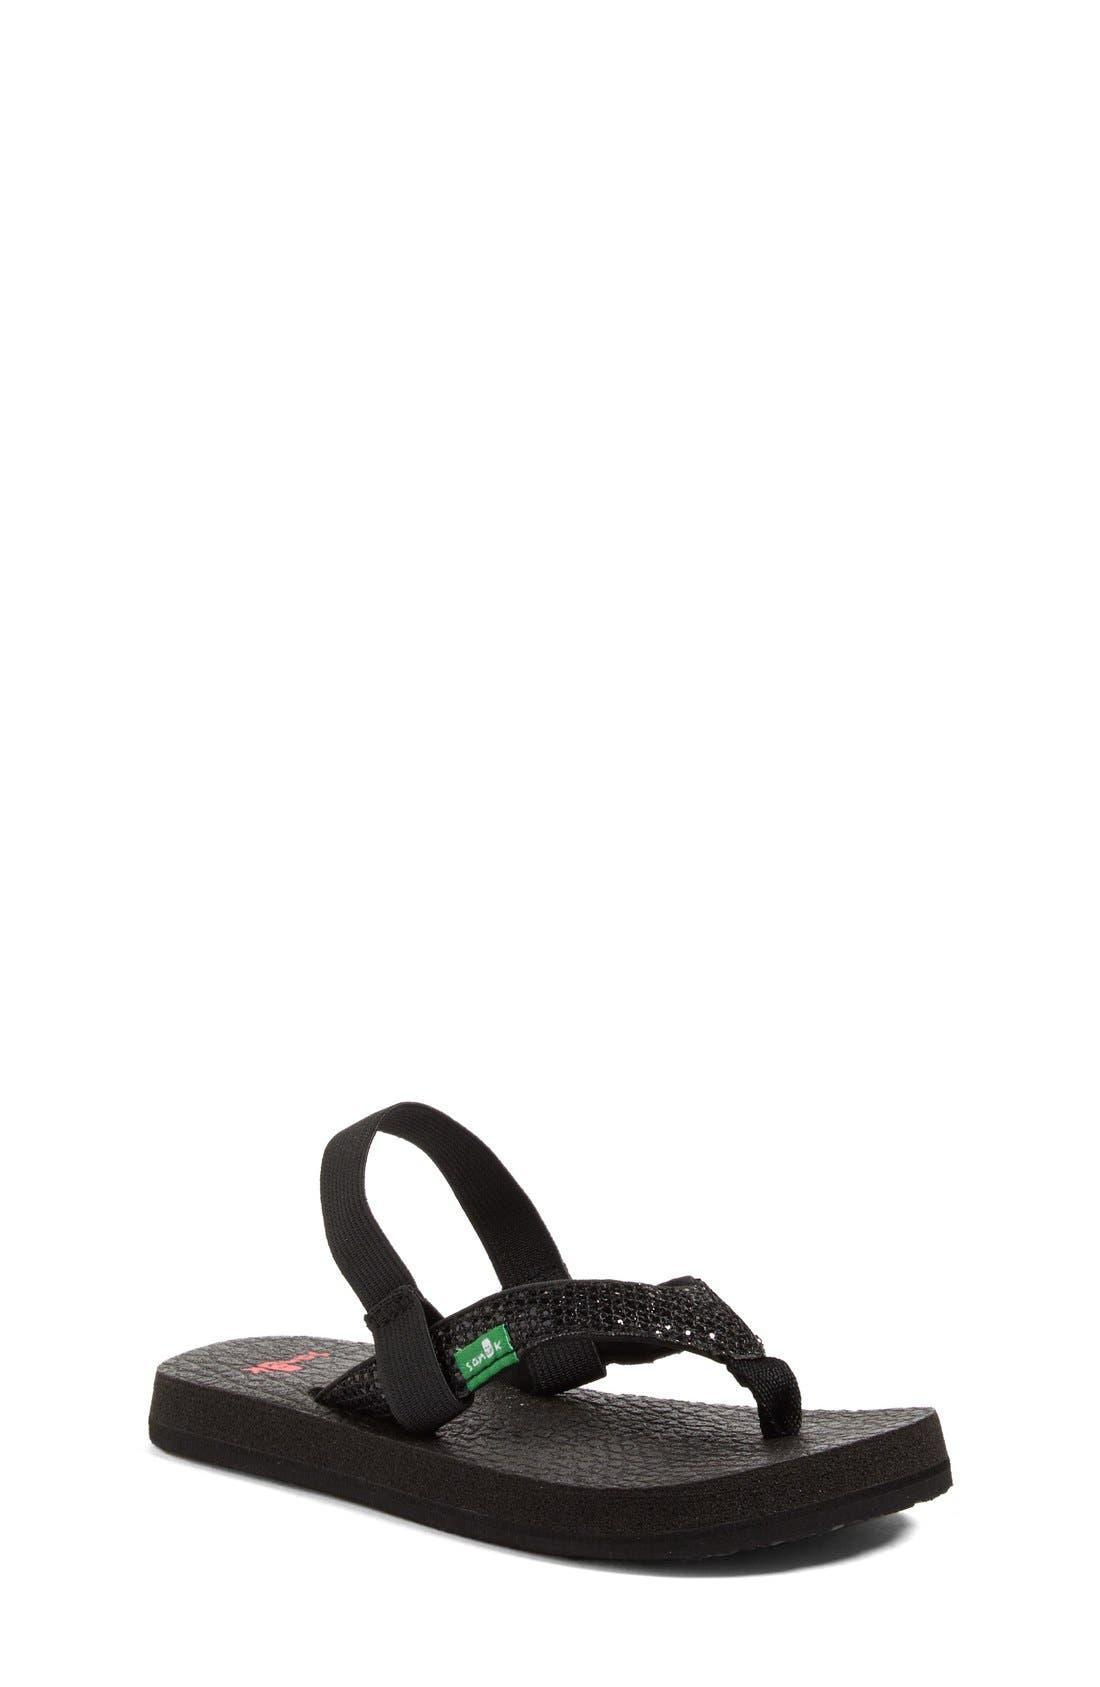 Main Image - Sanuk 'Yoga' Glitter Sandal (Toddler, Little Kid & Big Kid)